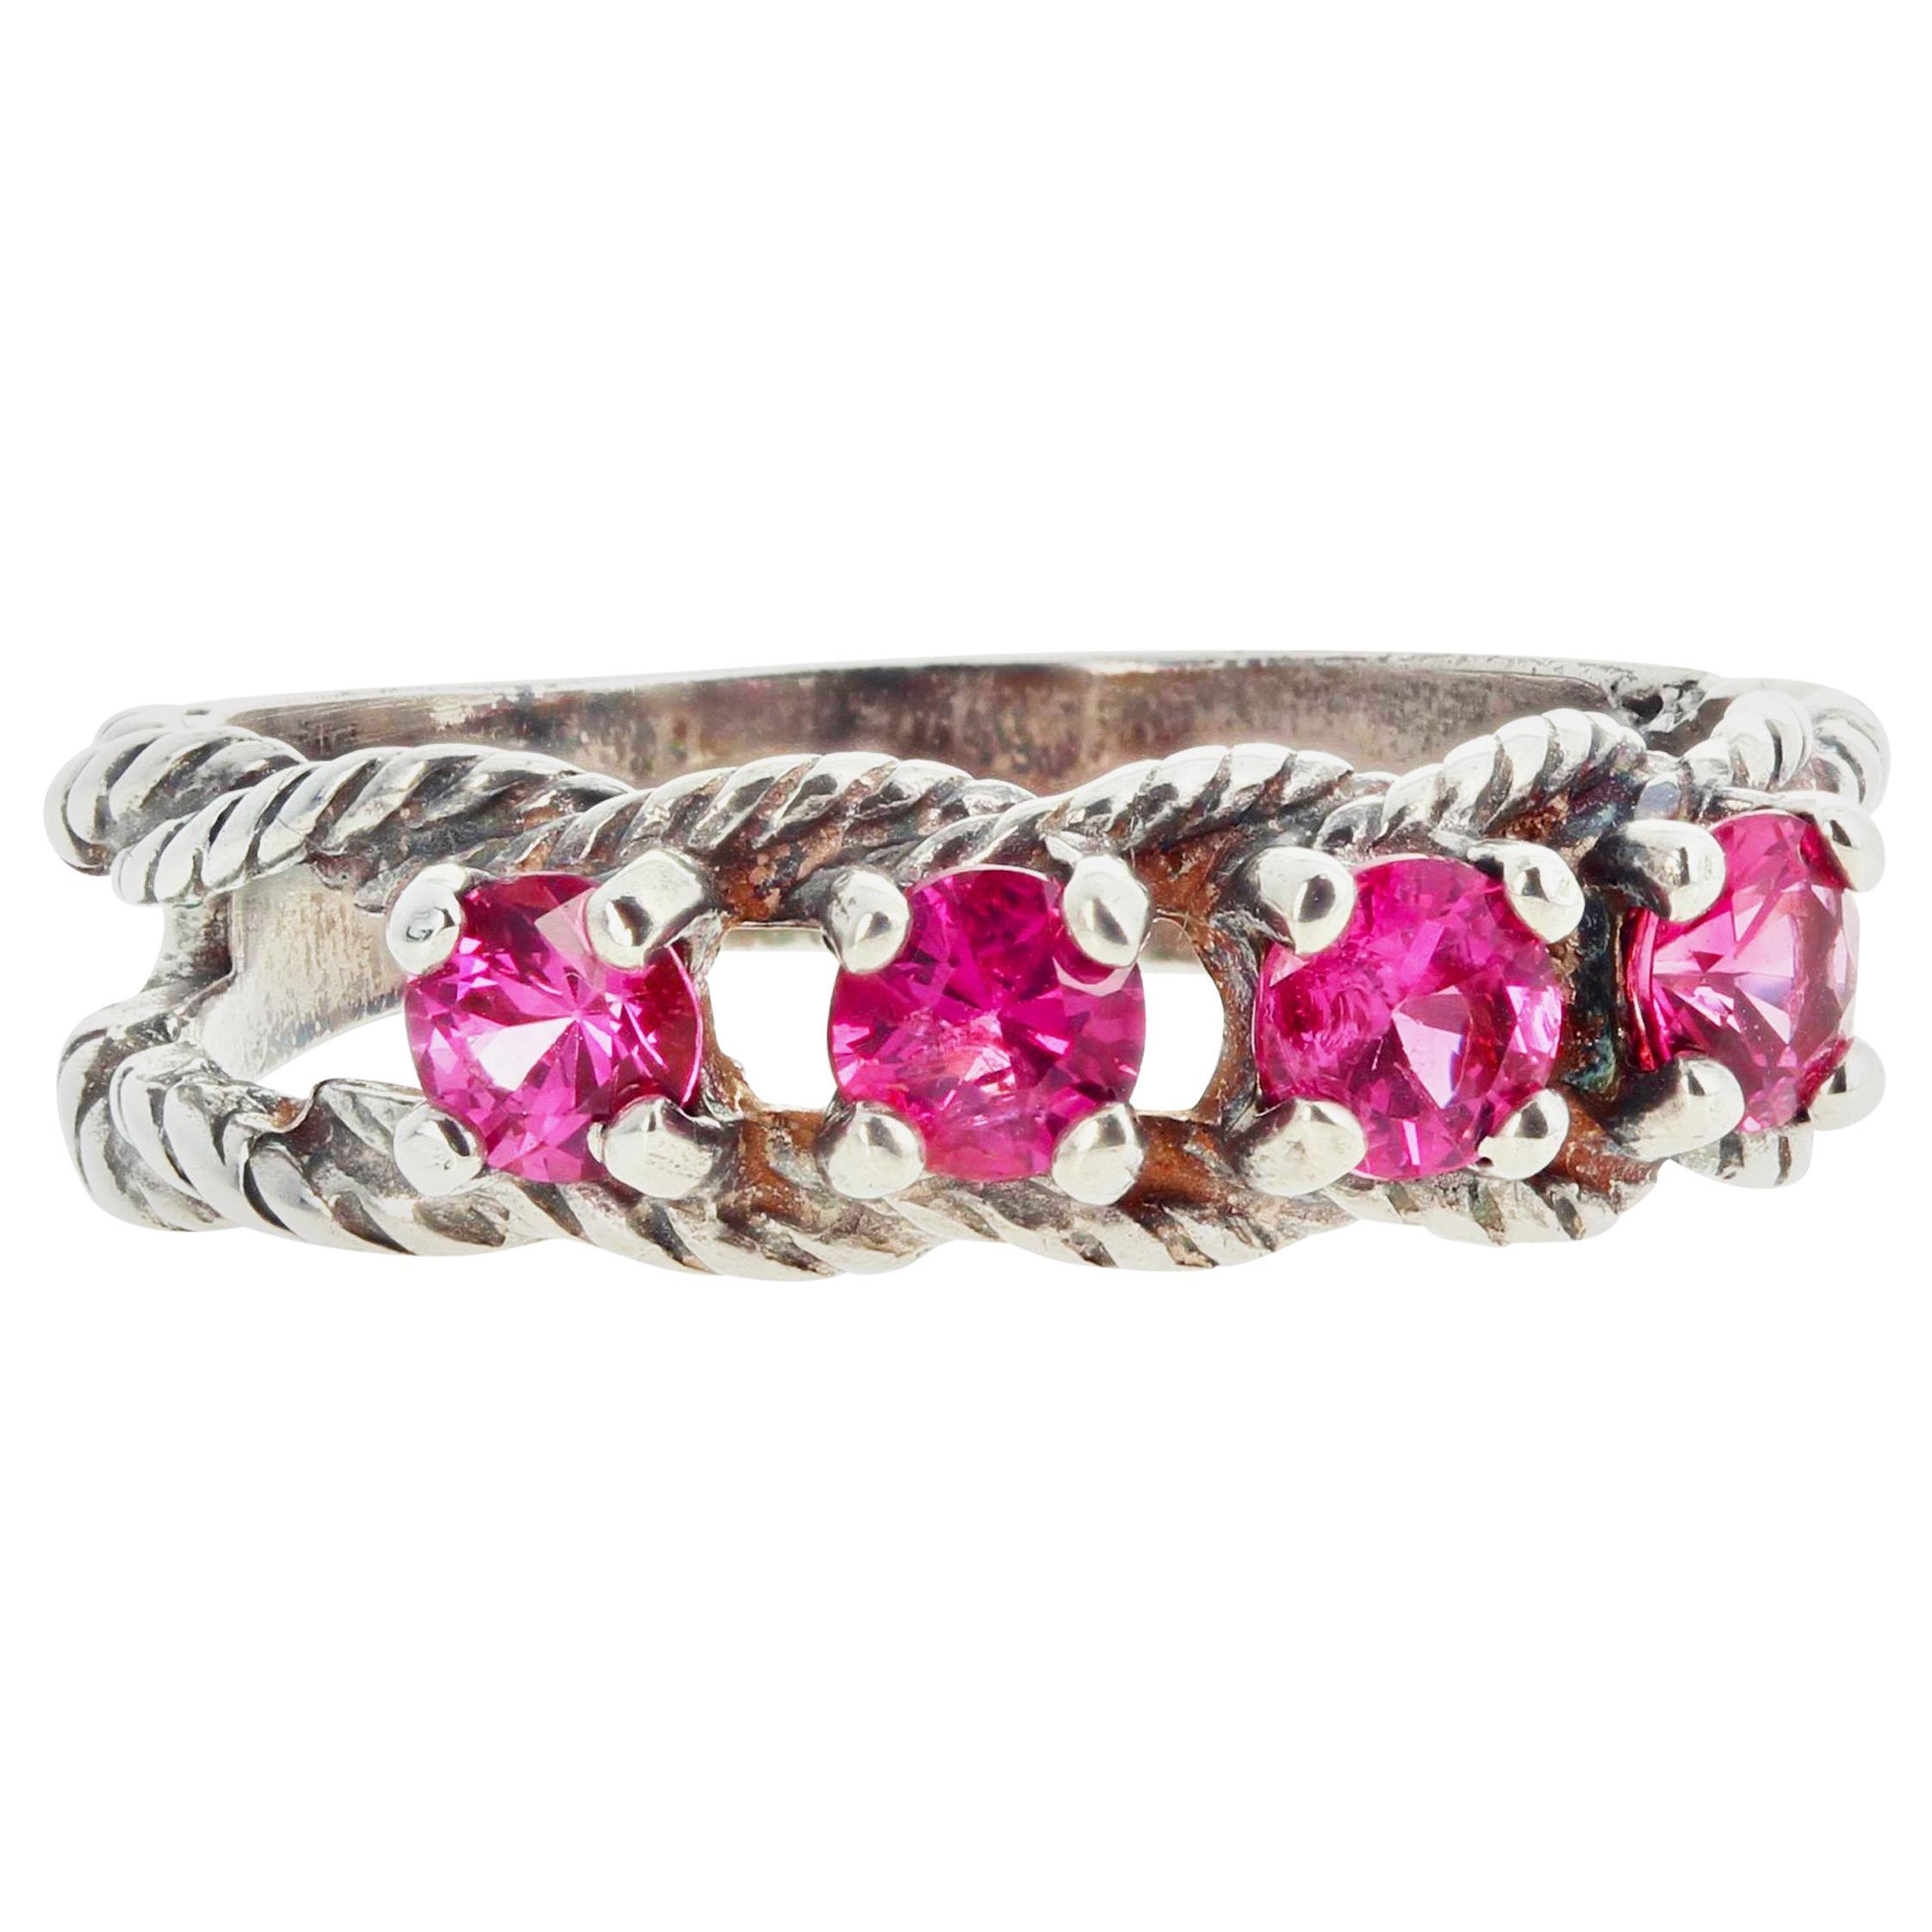 Gemjunky Glittering Brilliant Sparkling Pink Spinel Sterling Silver Ring